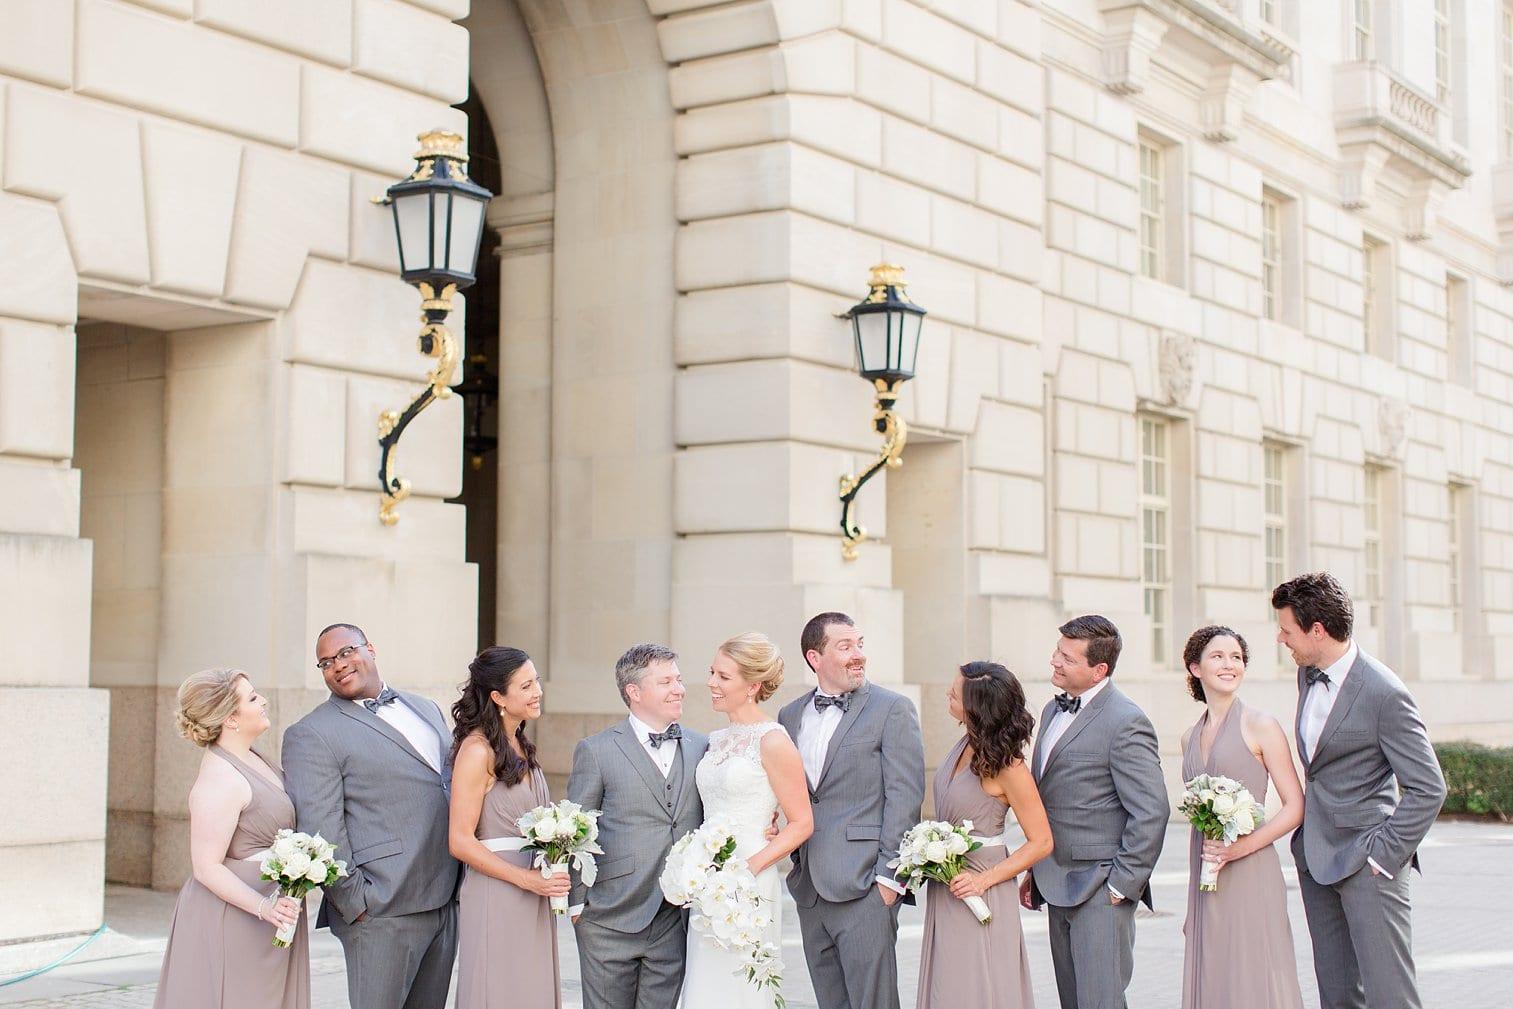 Ronald Reagan Building Wedding Washington DC Wedding Photographer Ashley & Brett-382.jpg